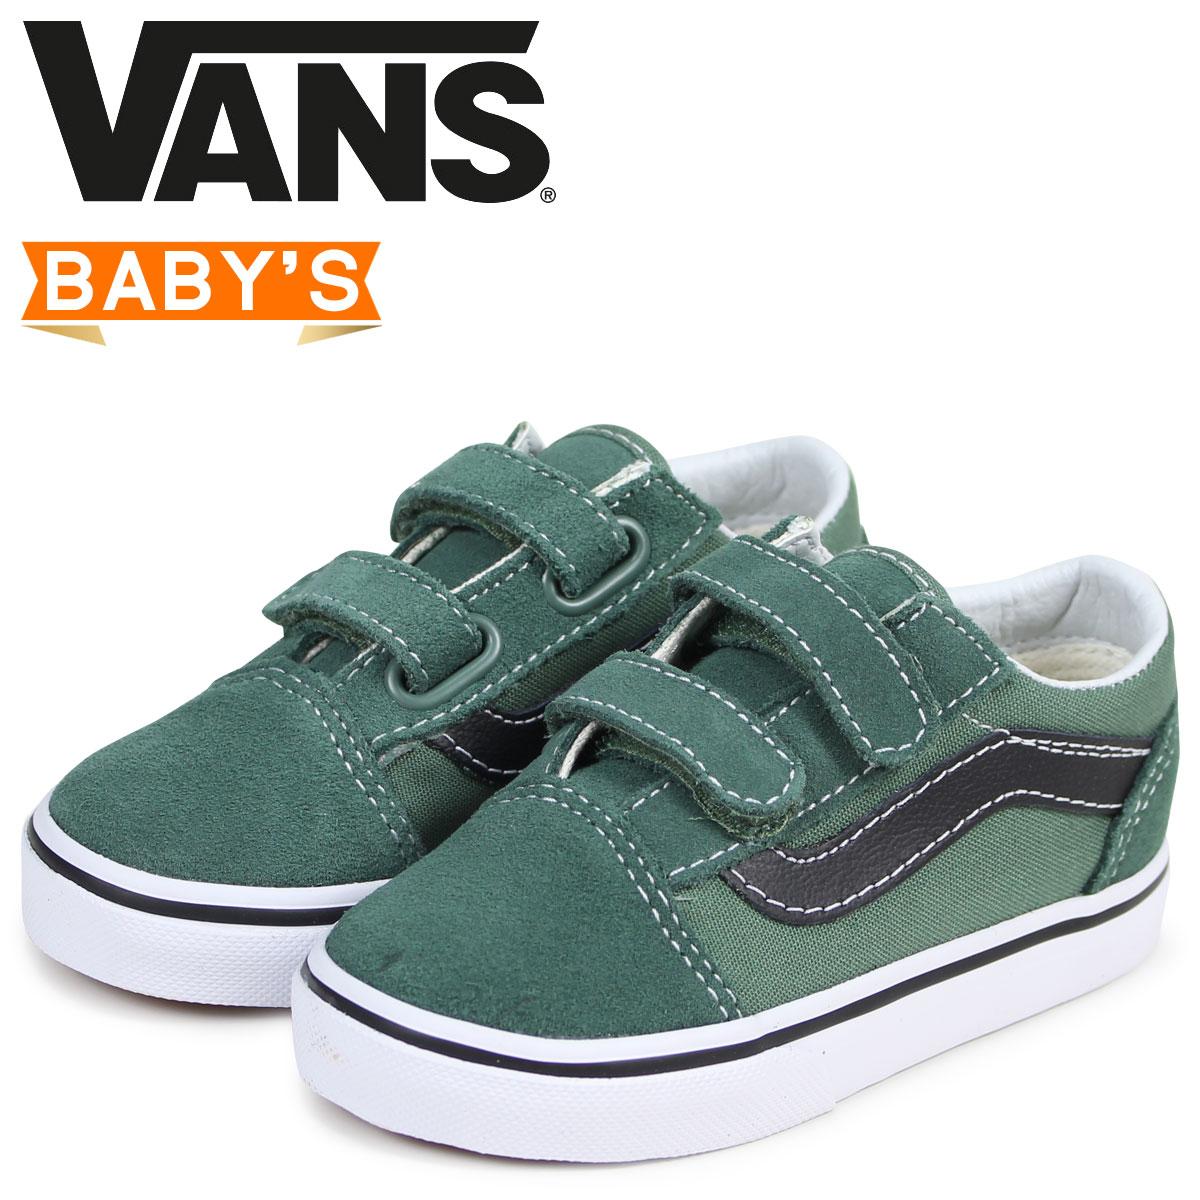 Vans old school sneakers baby VANS